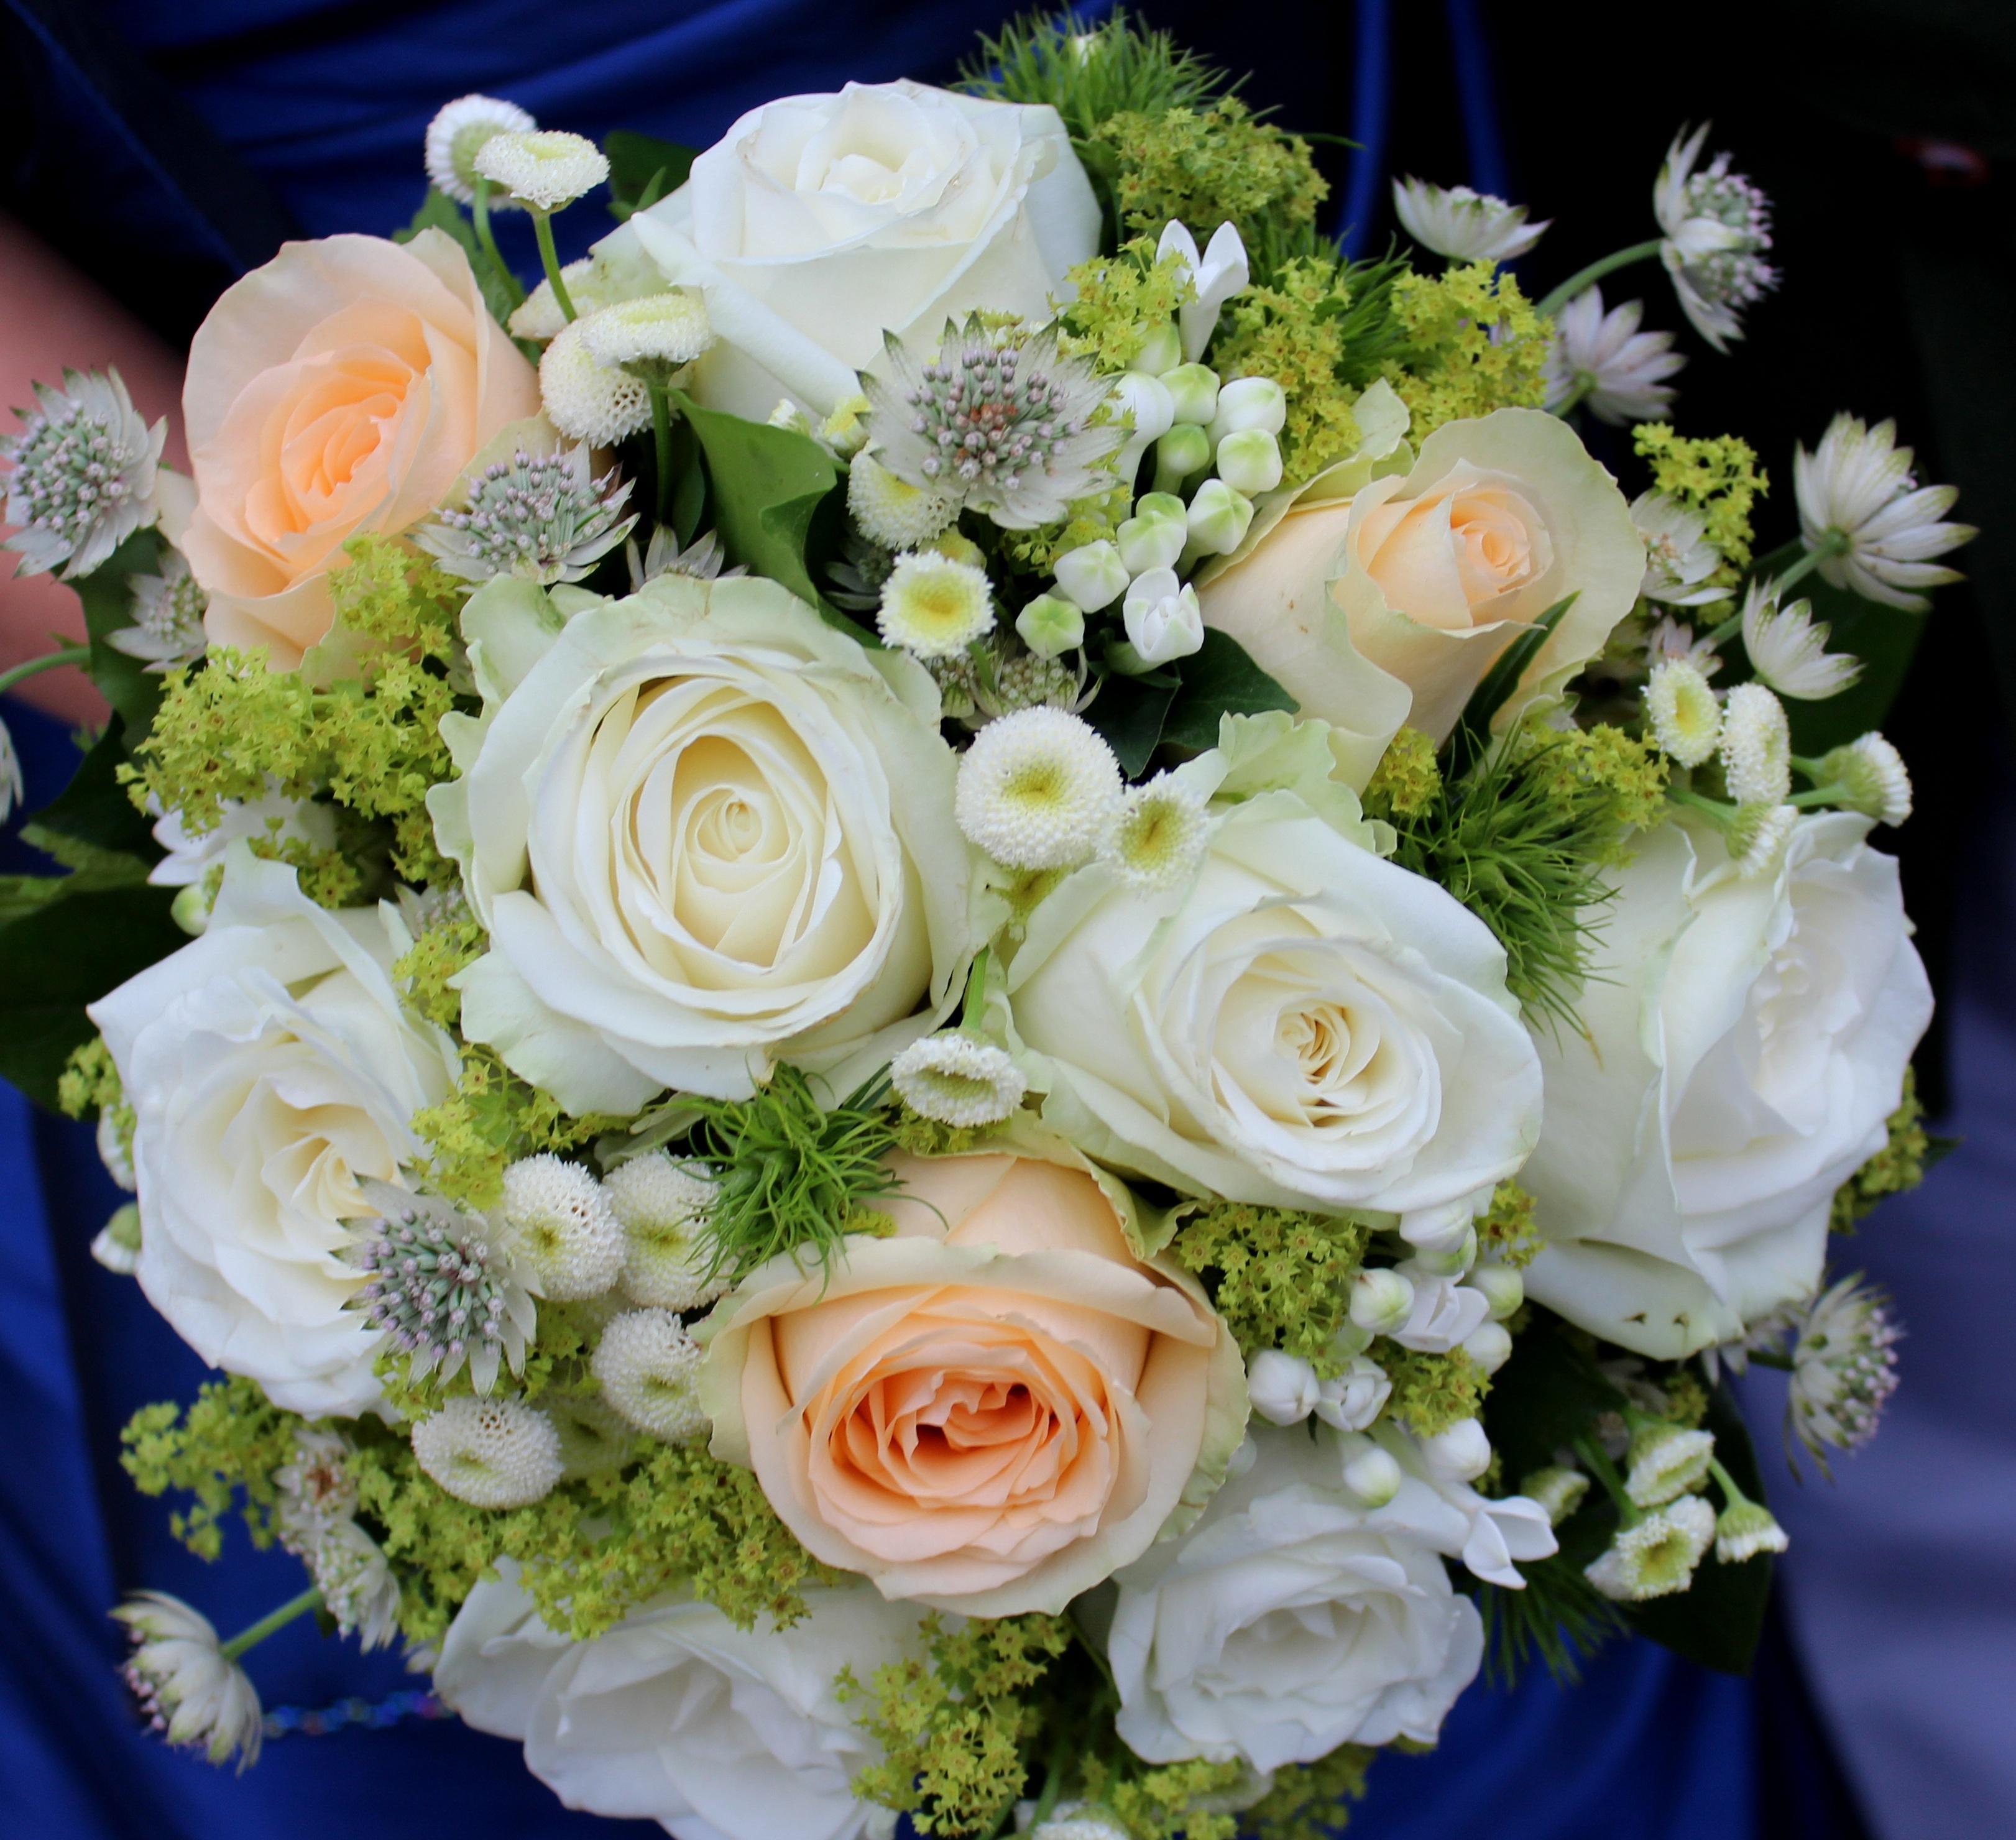 день поздравление королева цветов приступала легкому пиллингу